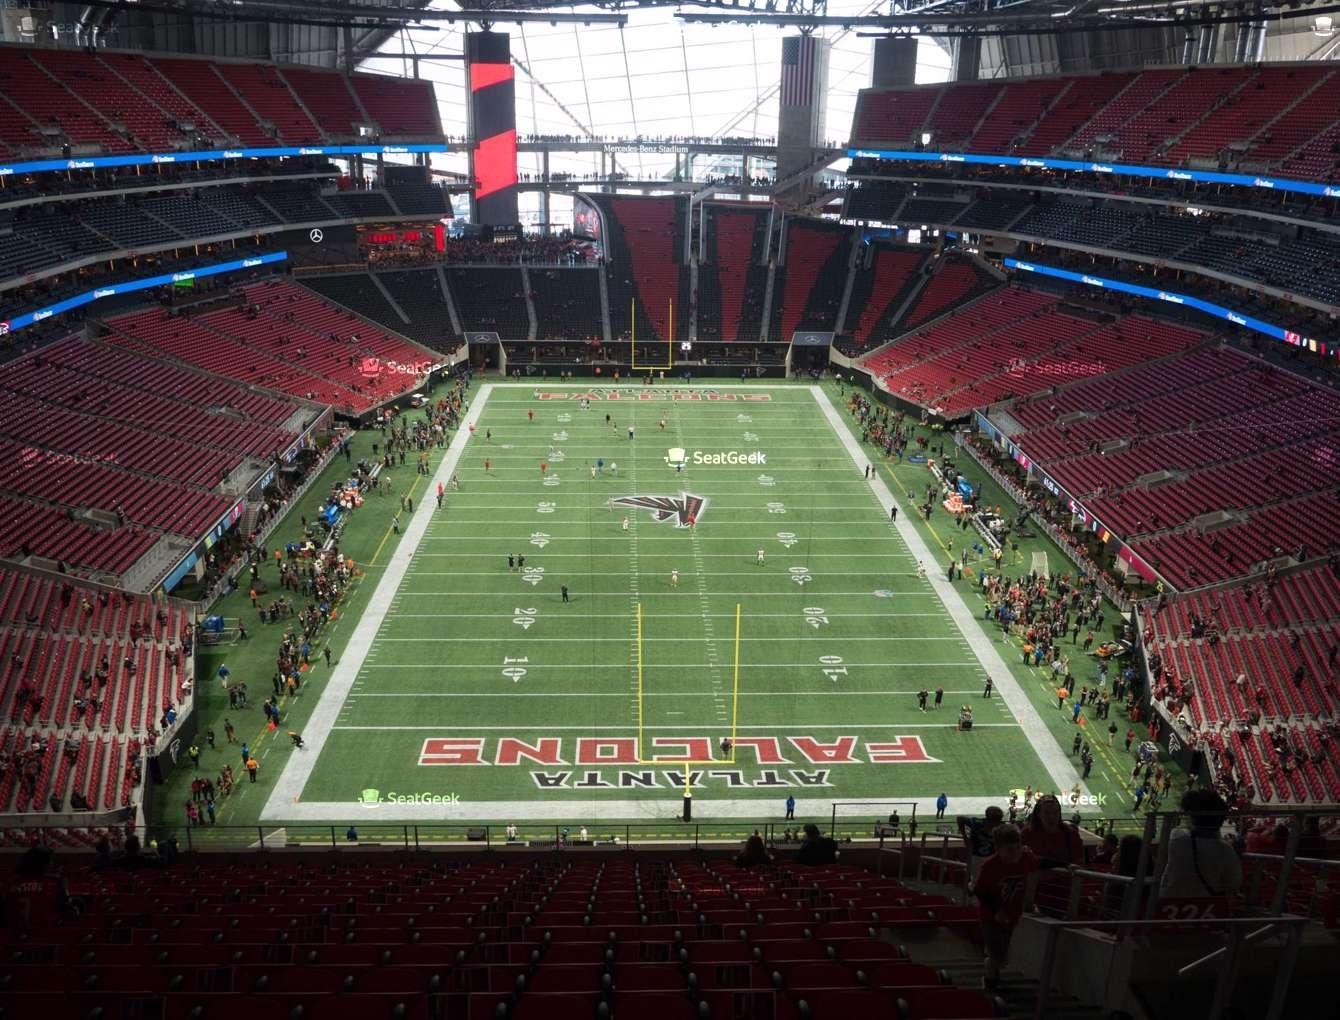 Mercedes-Benz Stadium Section 326 Seat Views | Seatgeek regarding Super Bowl Atlanta Seating